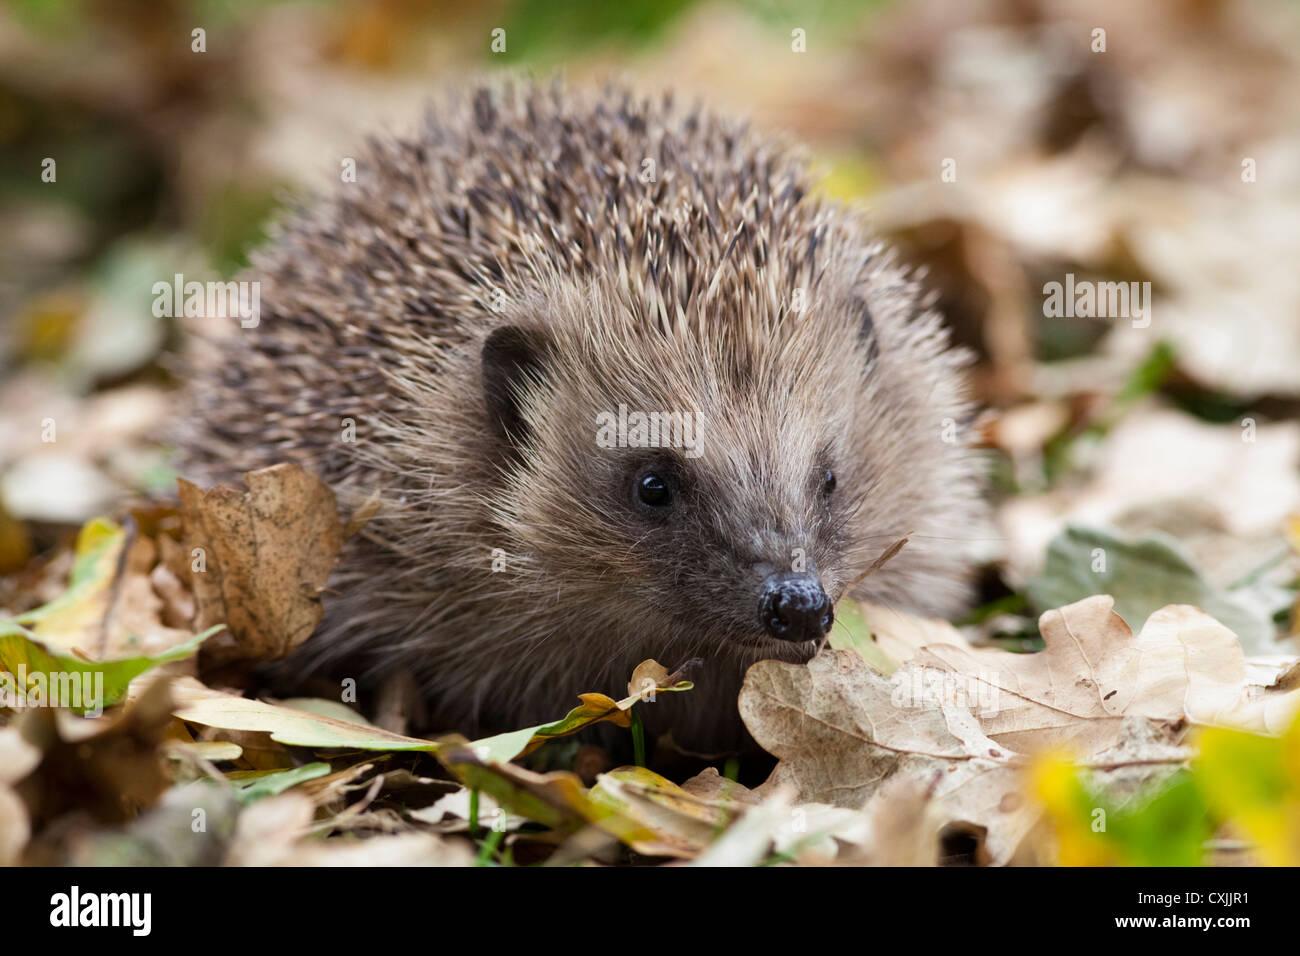 European Hedgehog (Erinaceus europaeus) in autumn leaves, UK - Stock Image